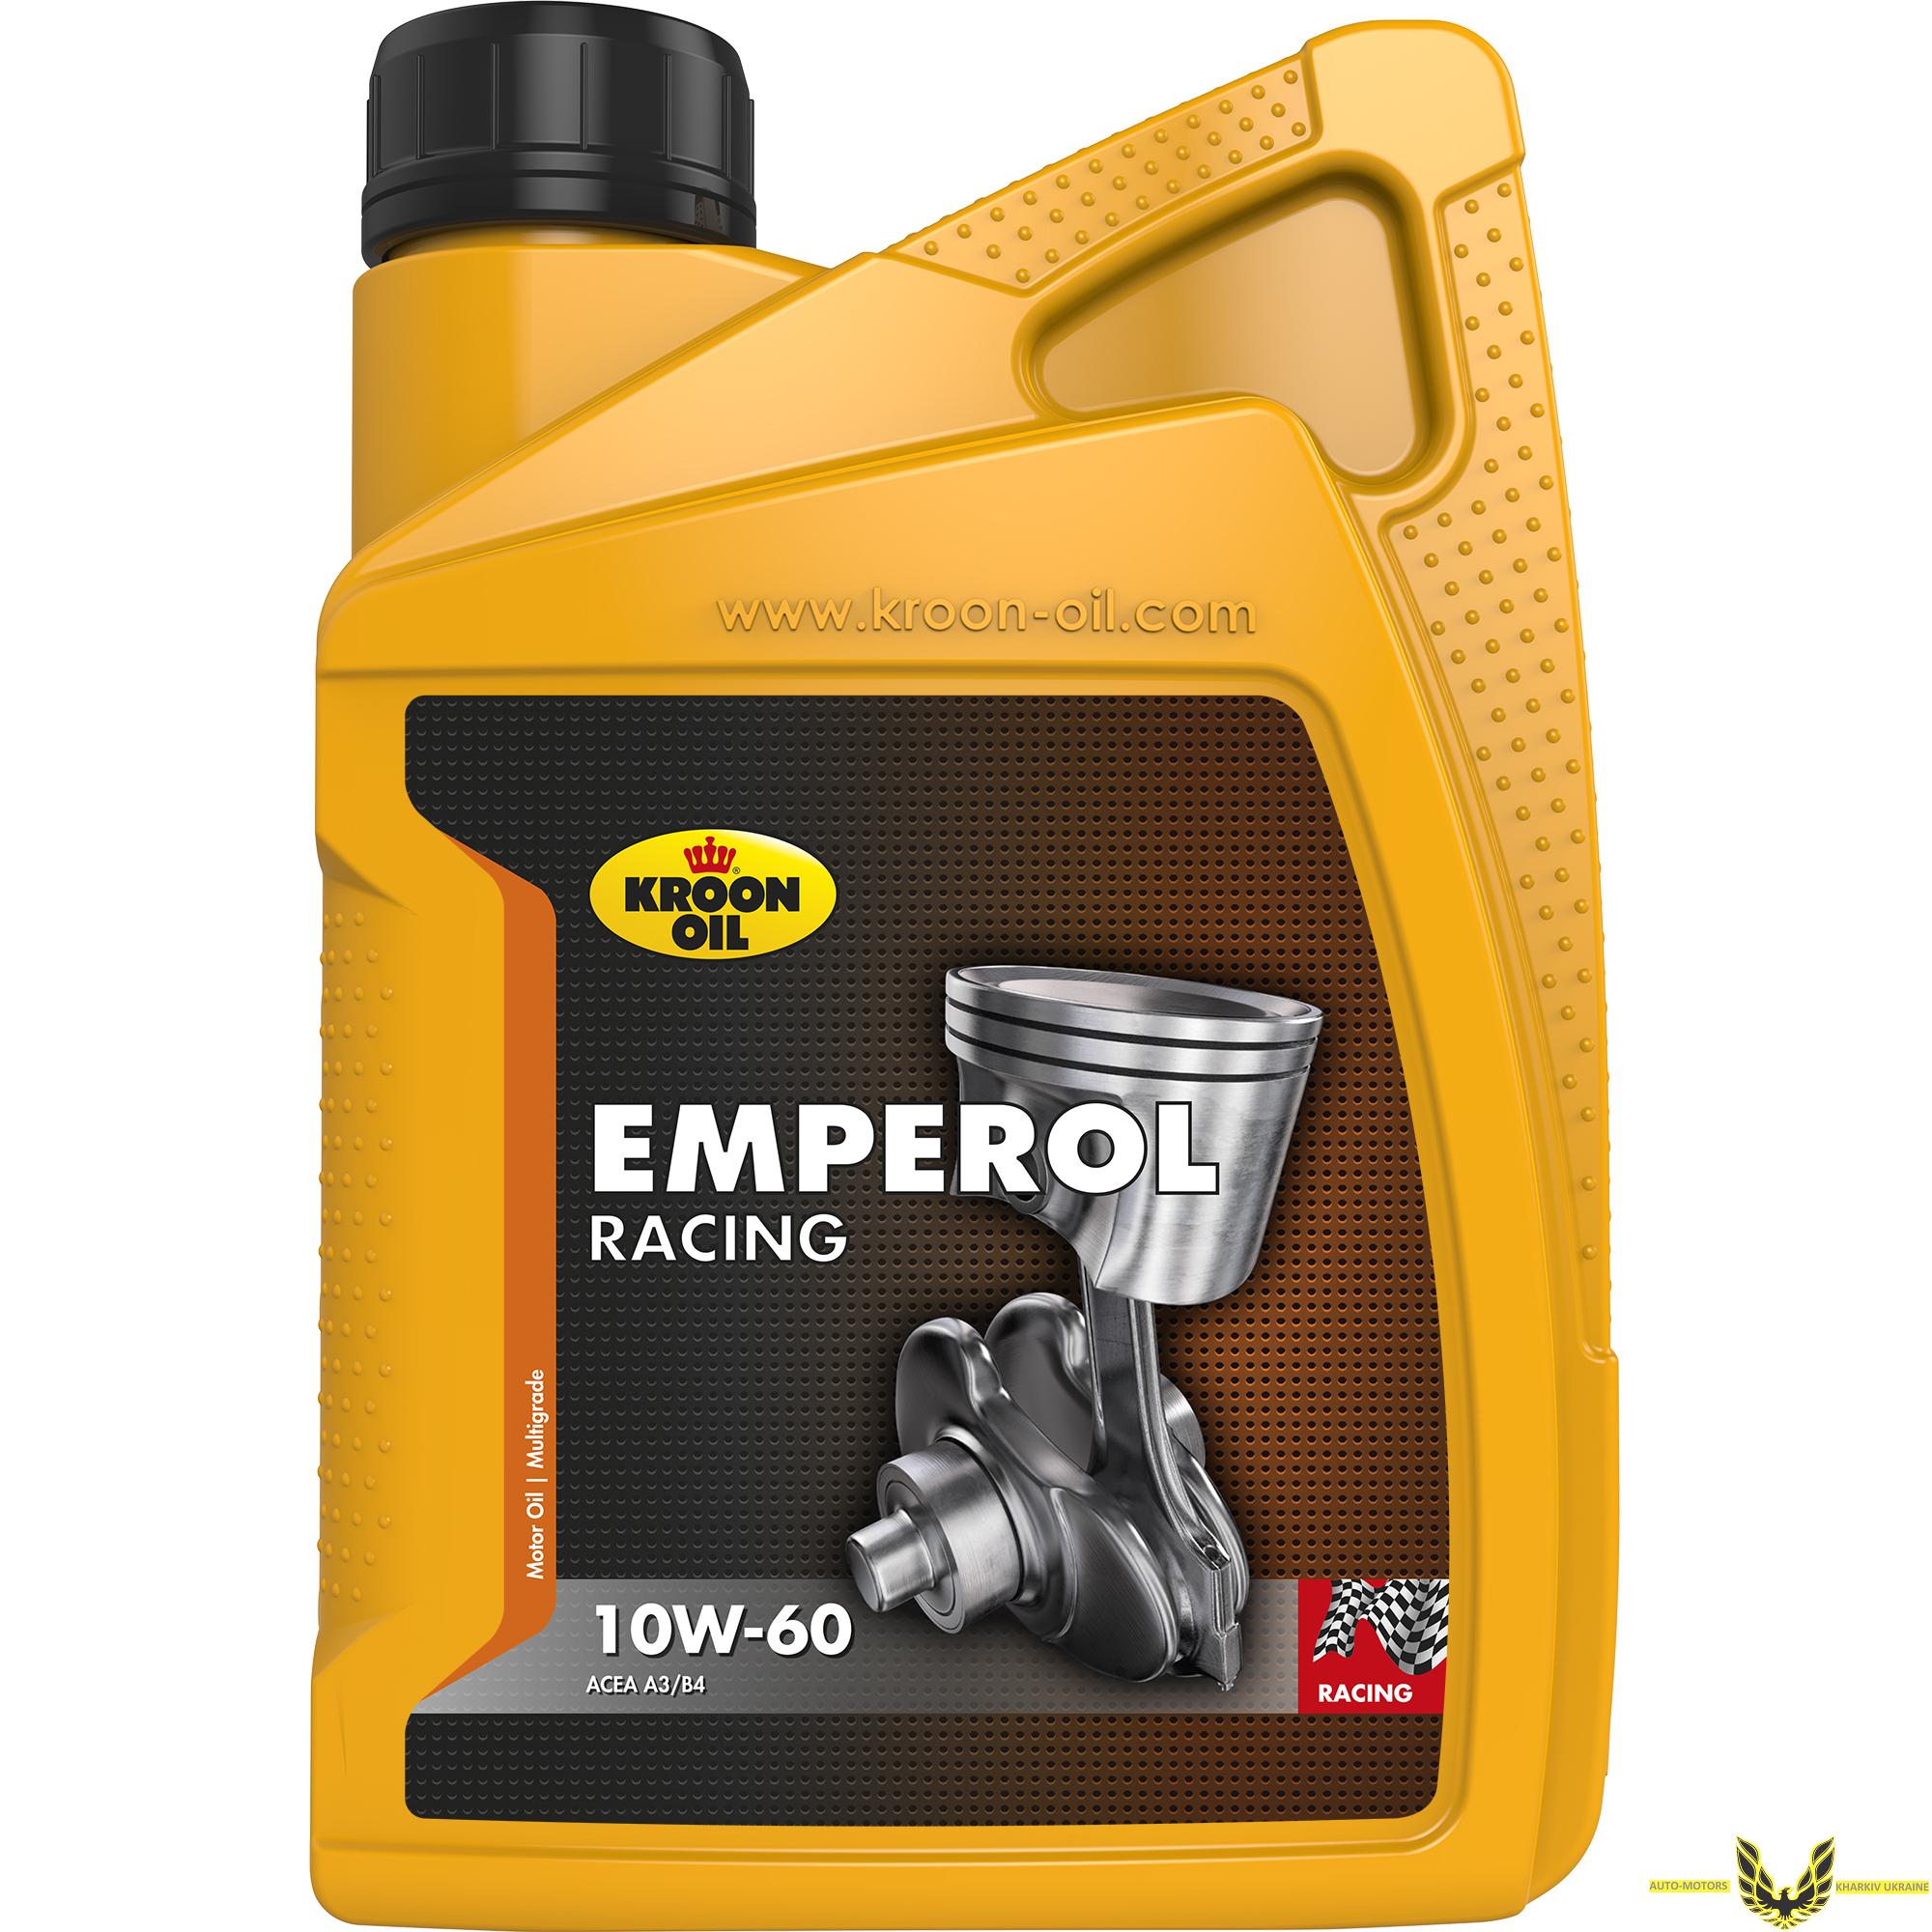 Emperol Racing 10W-60 1л